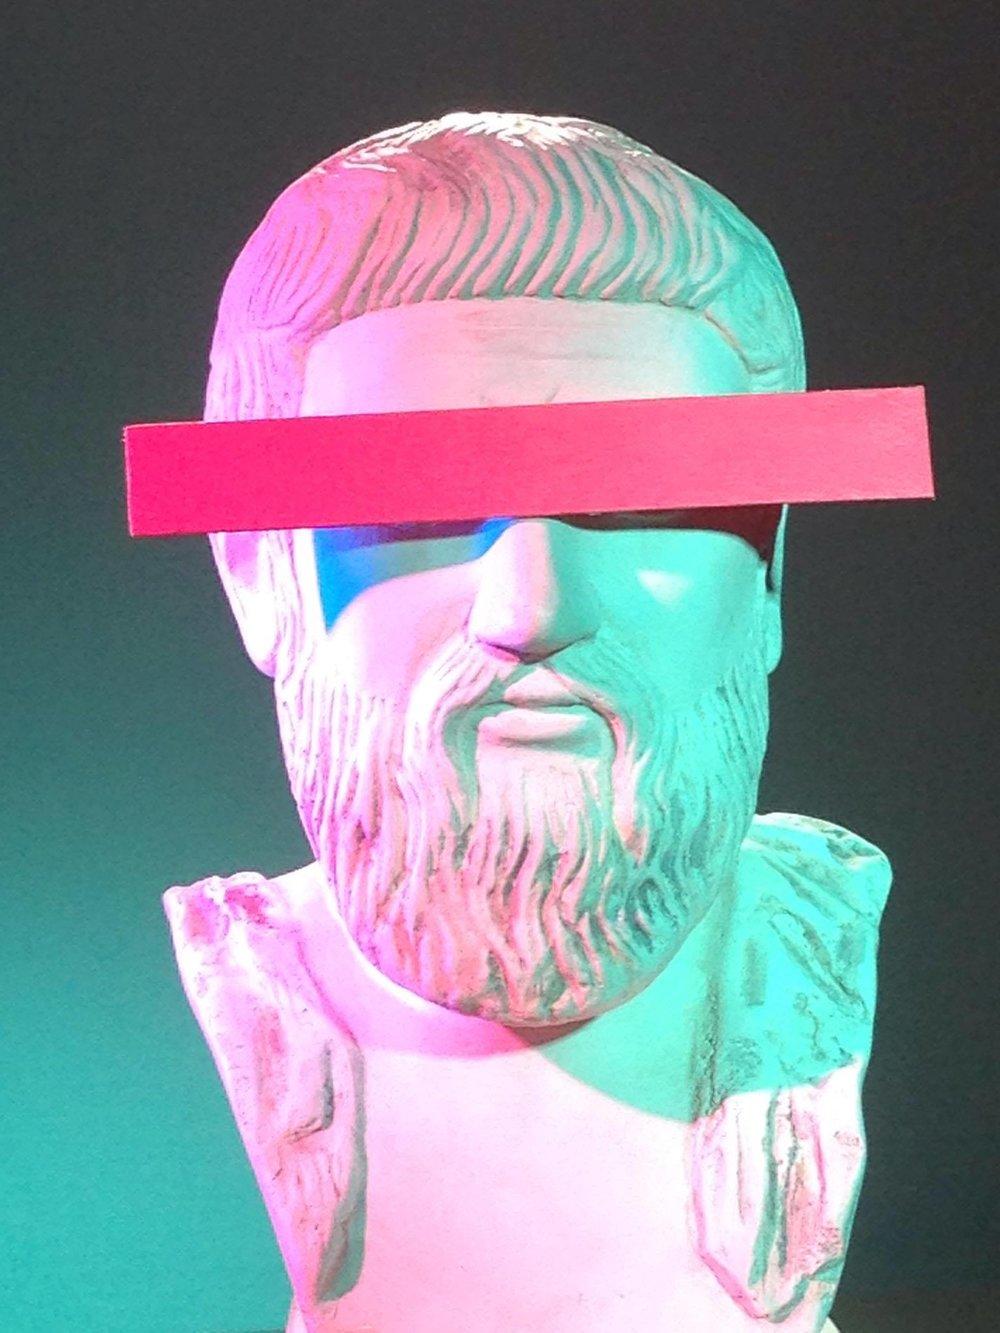 エライ 3§09 JANKWAVE ・゚✧ UltraMIX